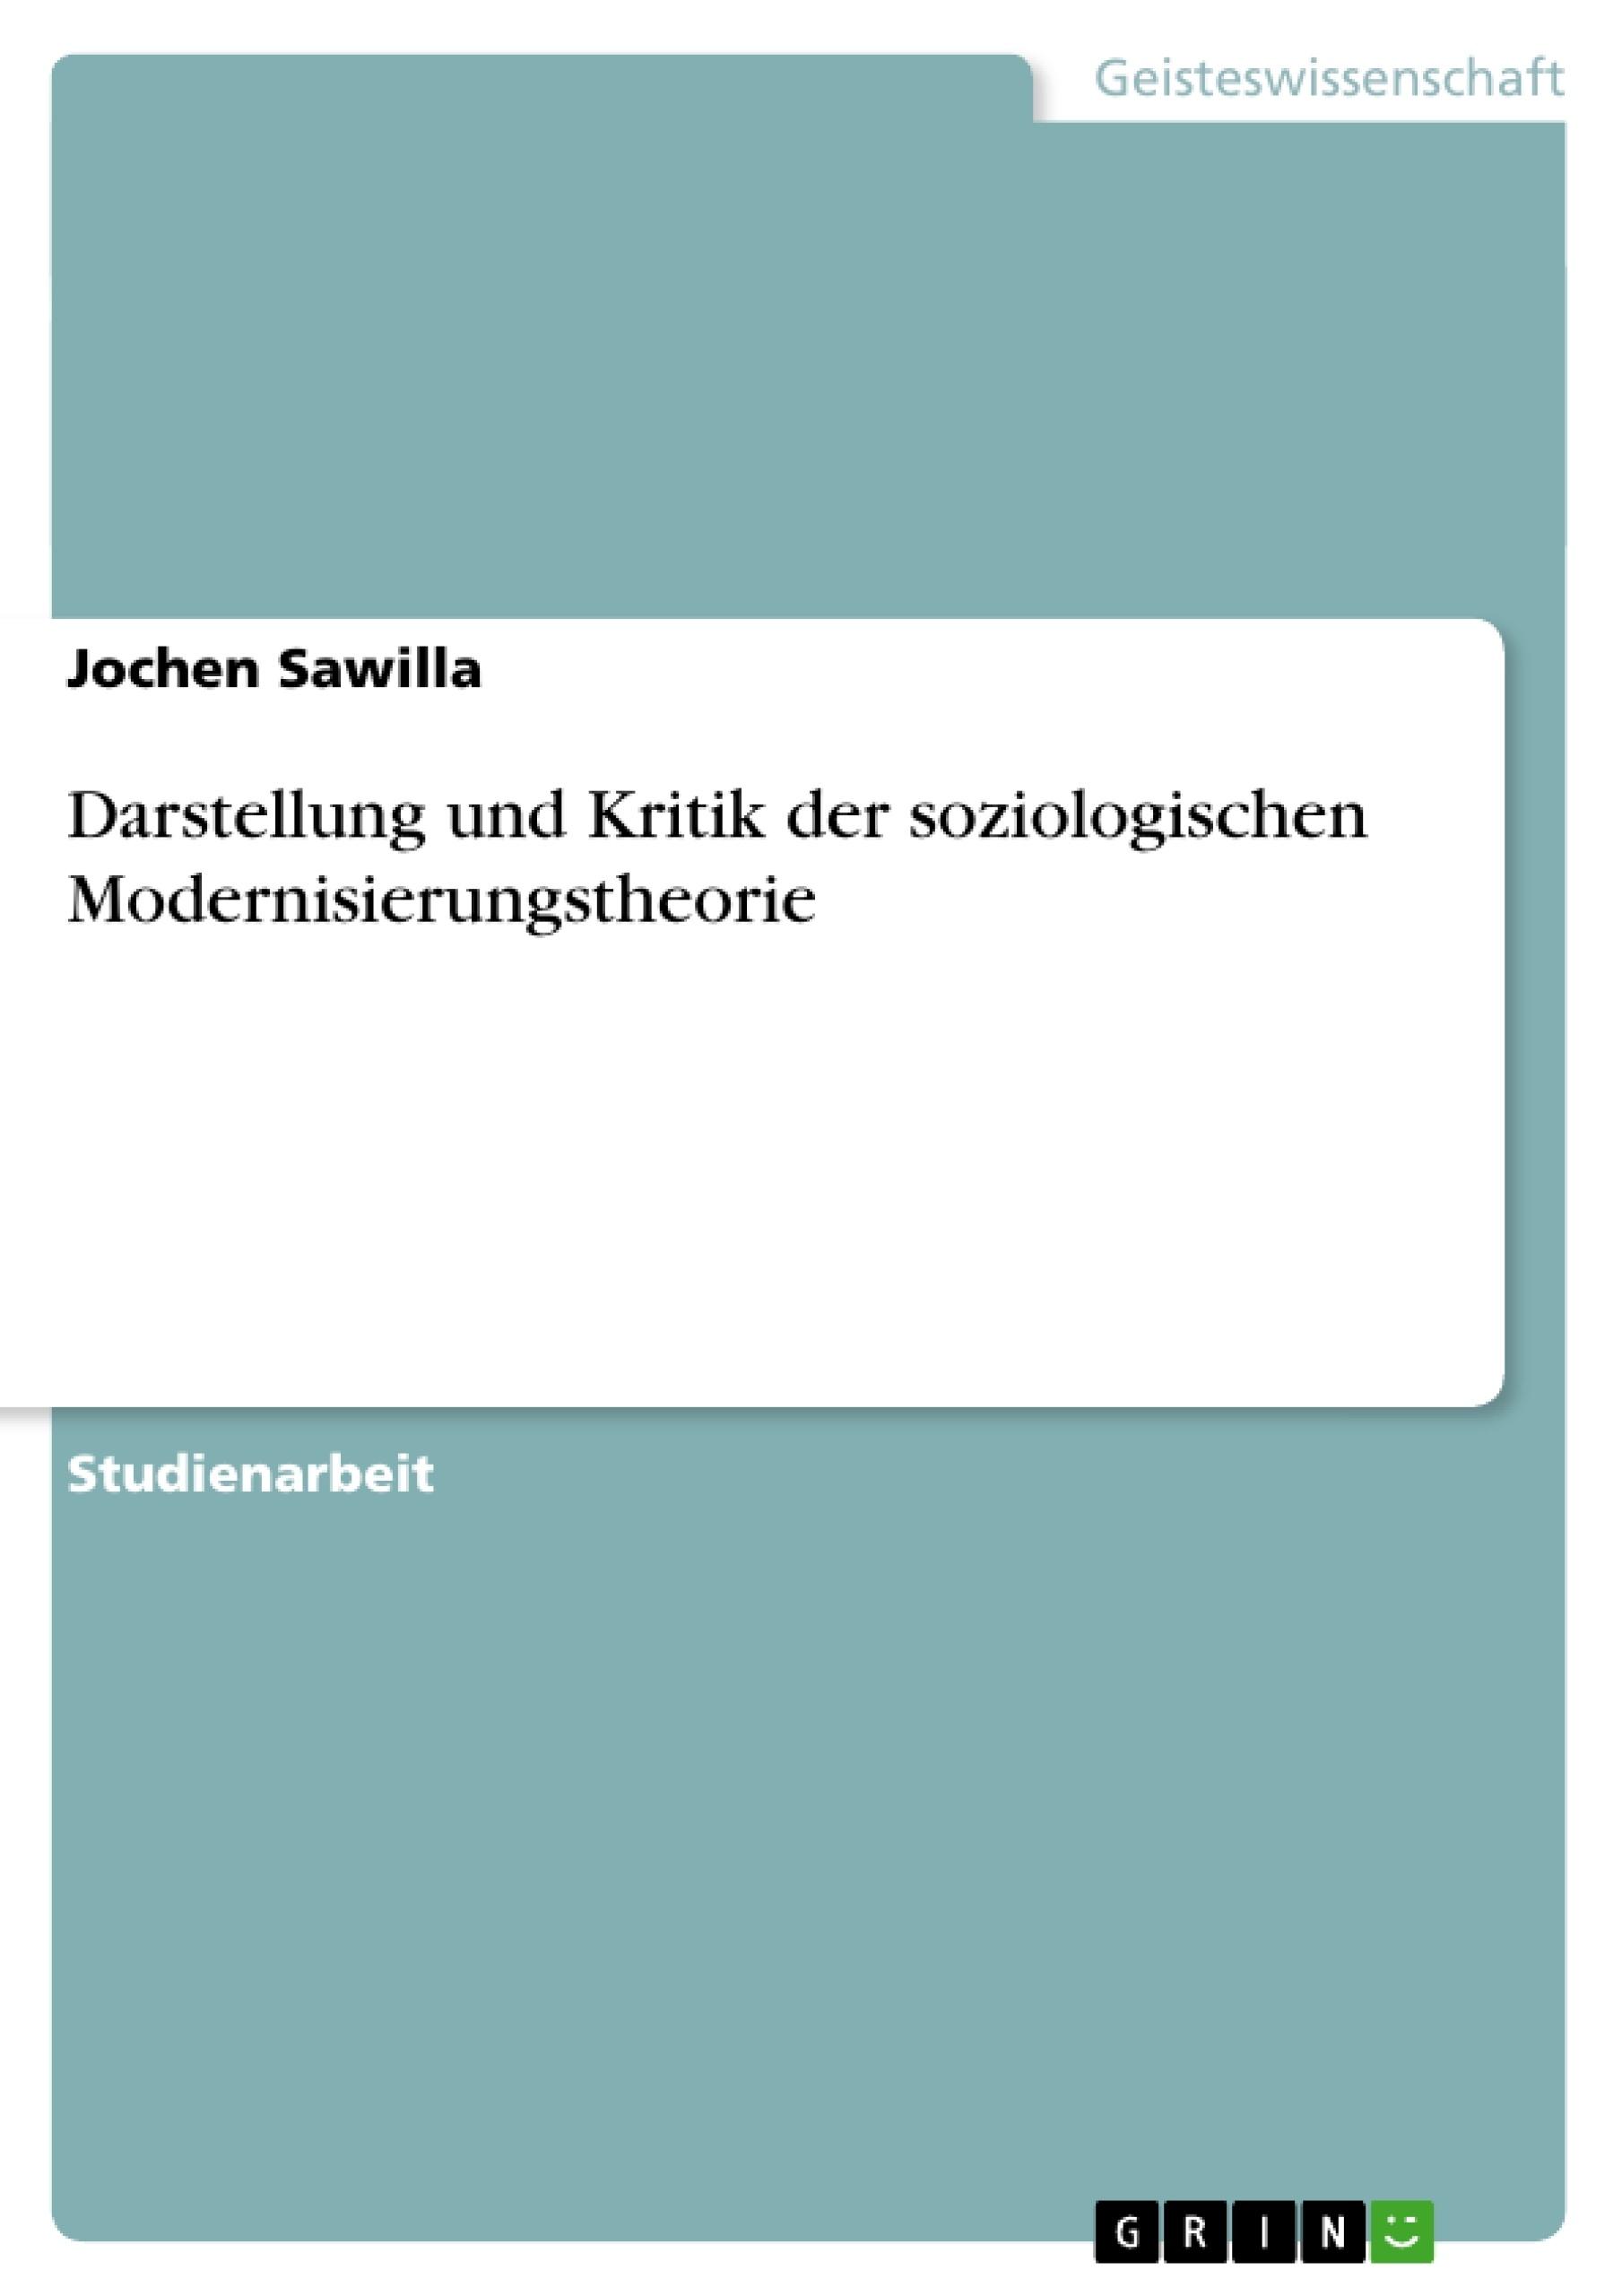 Titel: Darstellung und Kritik der soziologischen Modernisierungstheorie